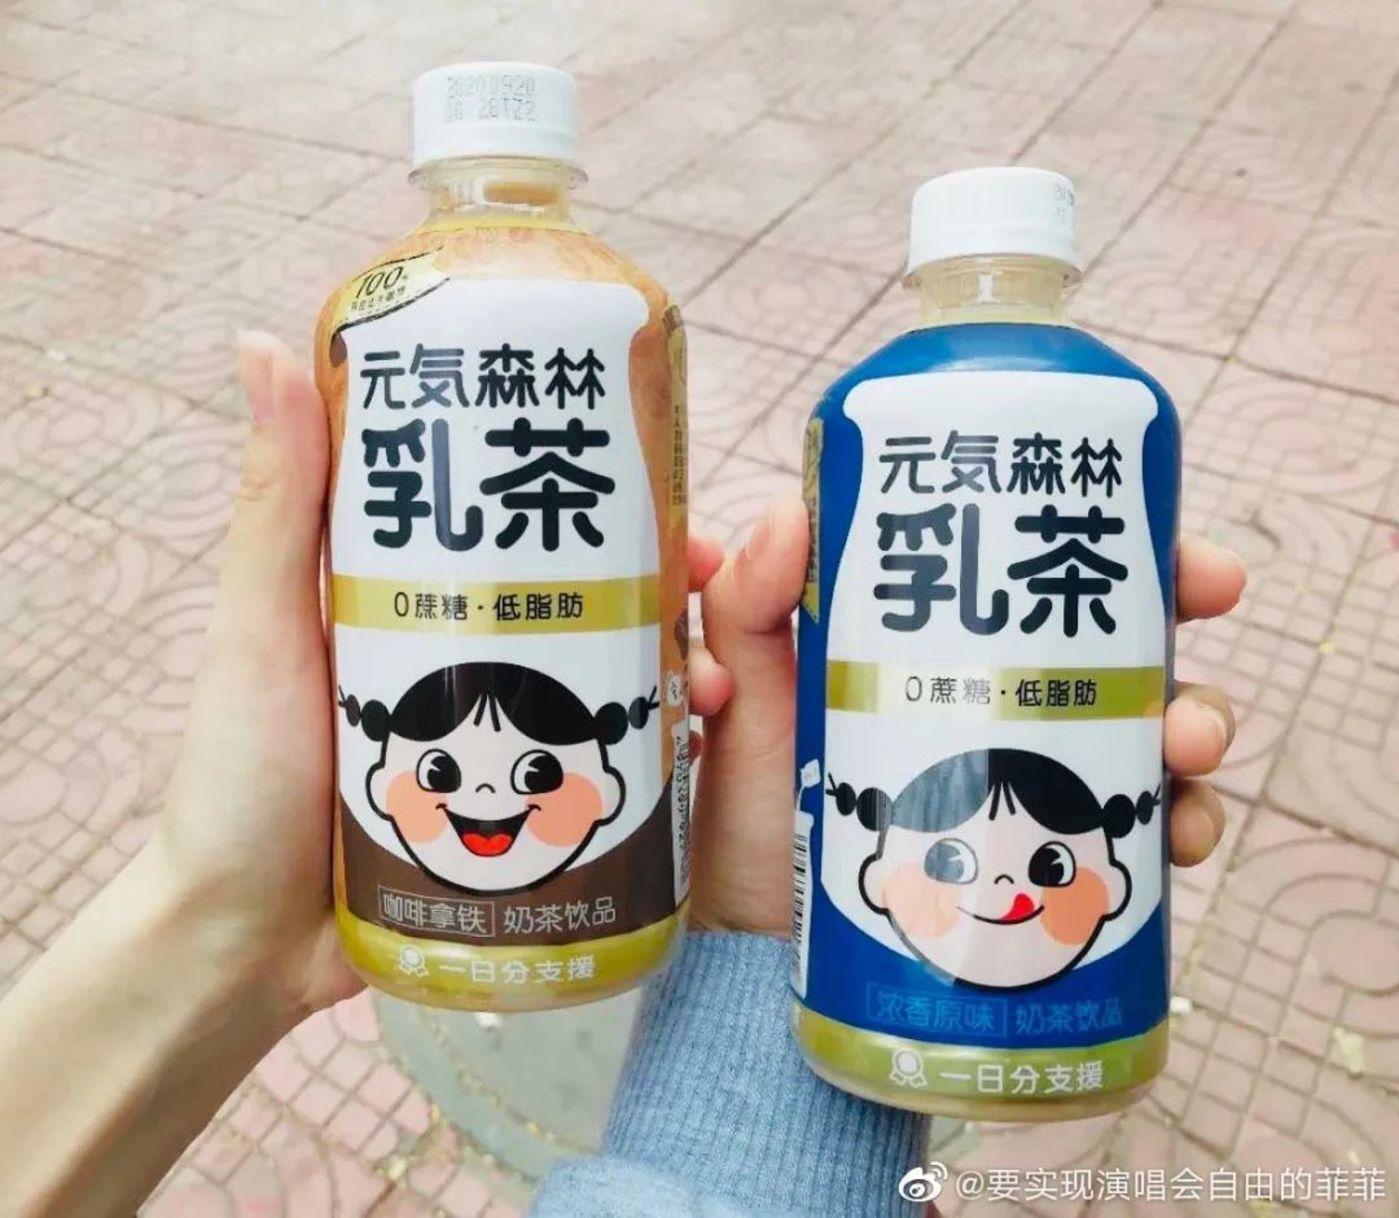 元气森林推出的奶茶饮品曾成为爆款